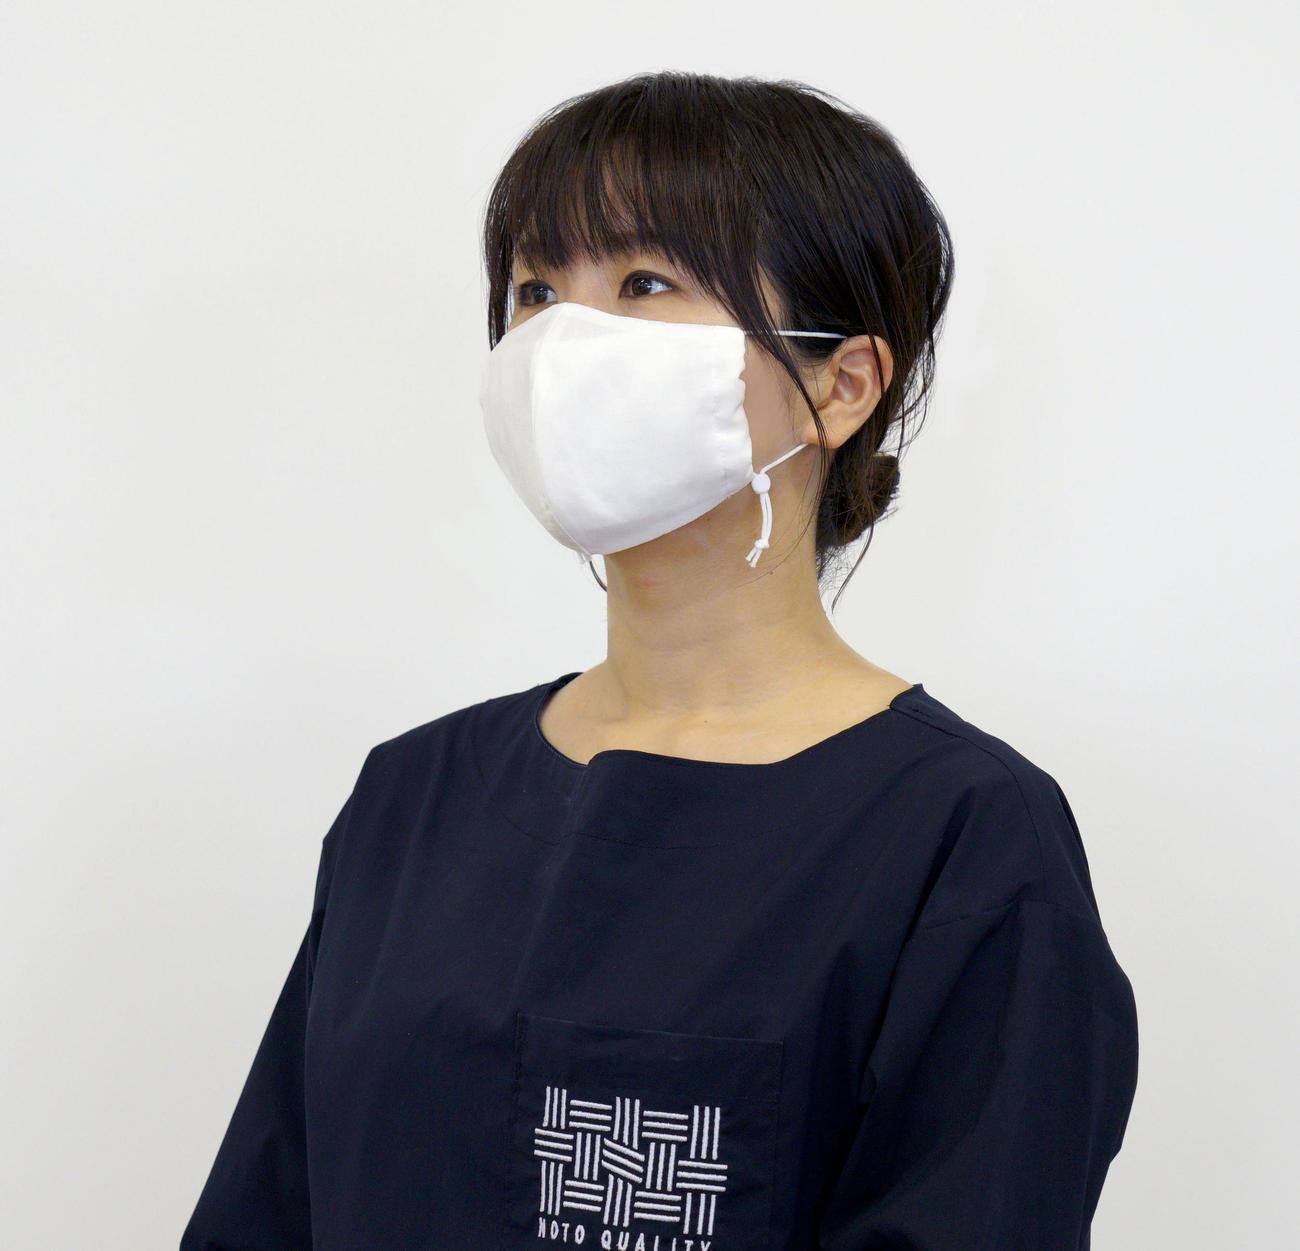 丸井 織物 マスク